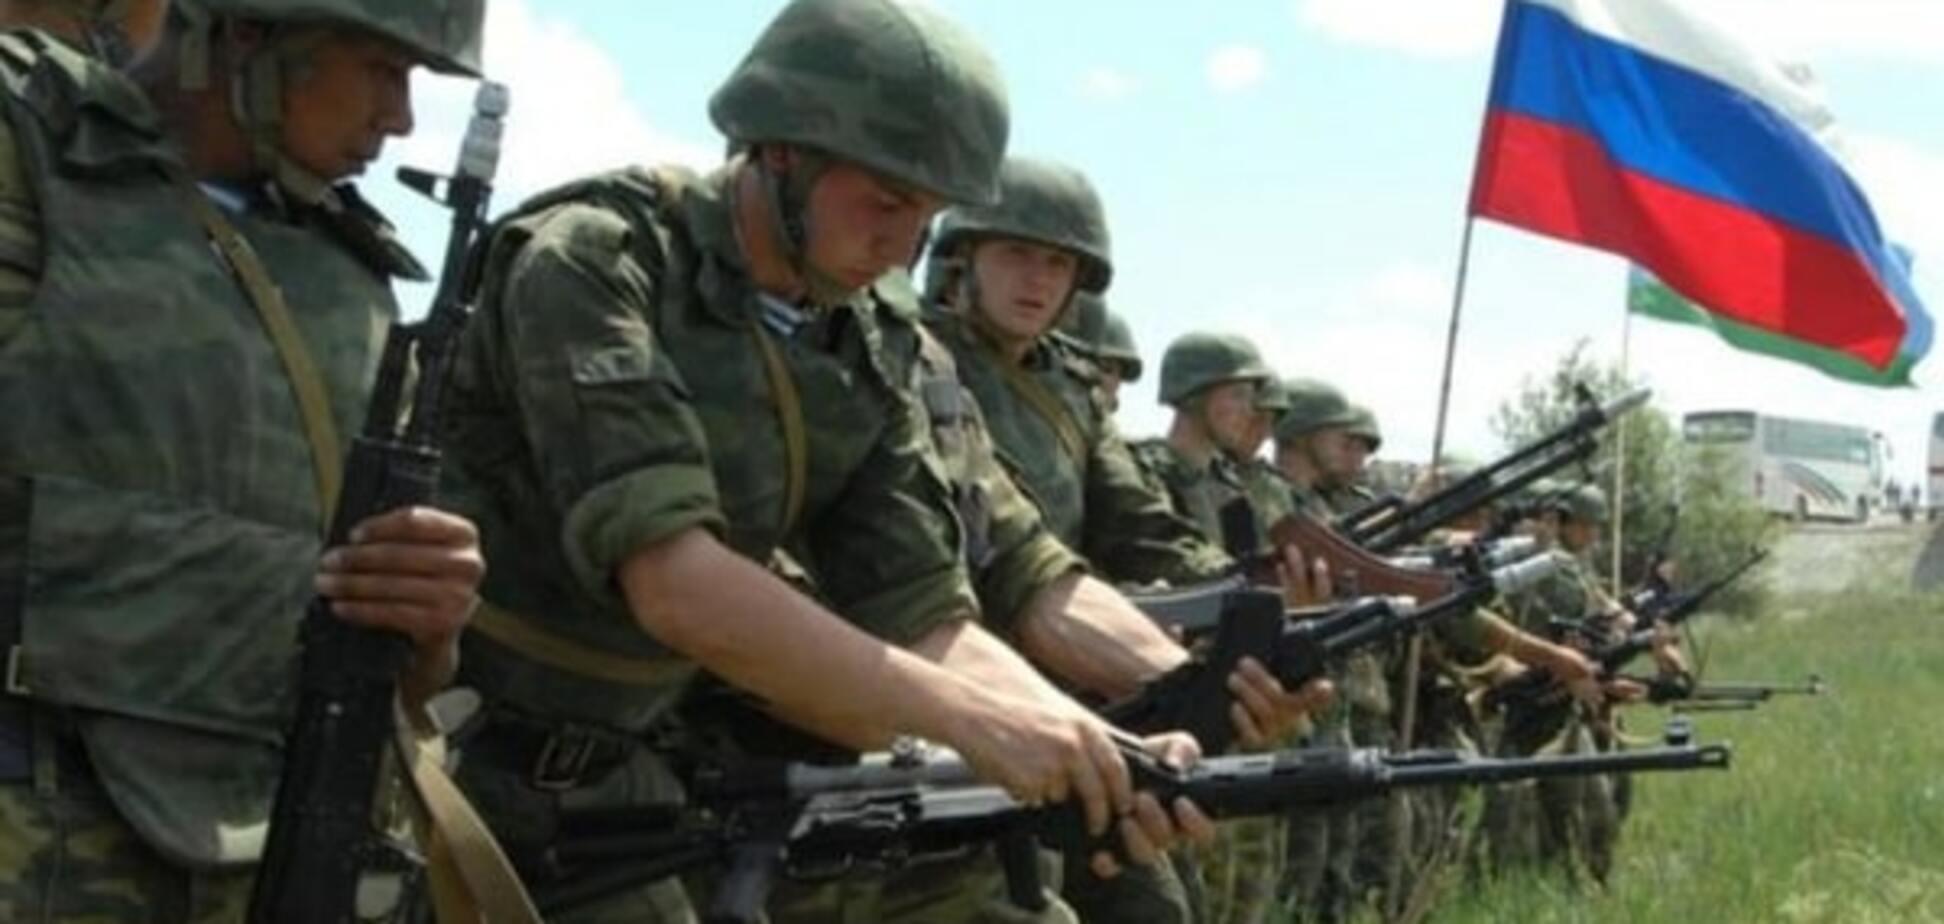 М'ясо прибуло: Росія перекинула в Луганськ ще 2 військові підрозділи